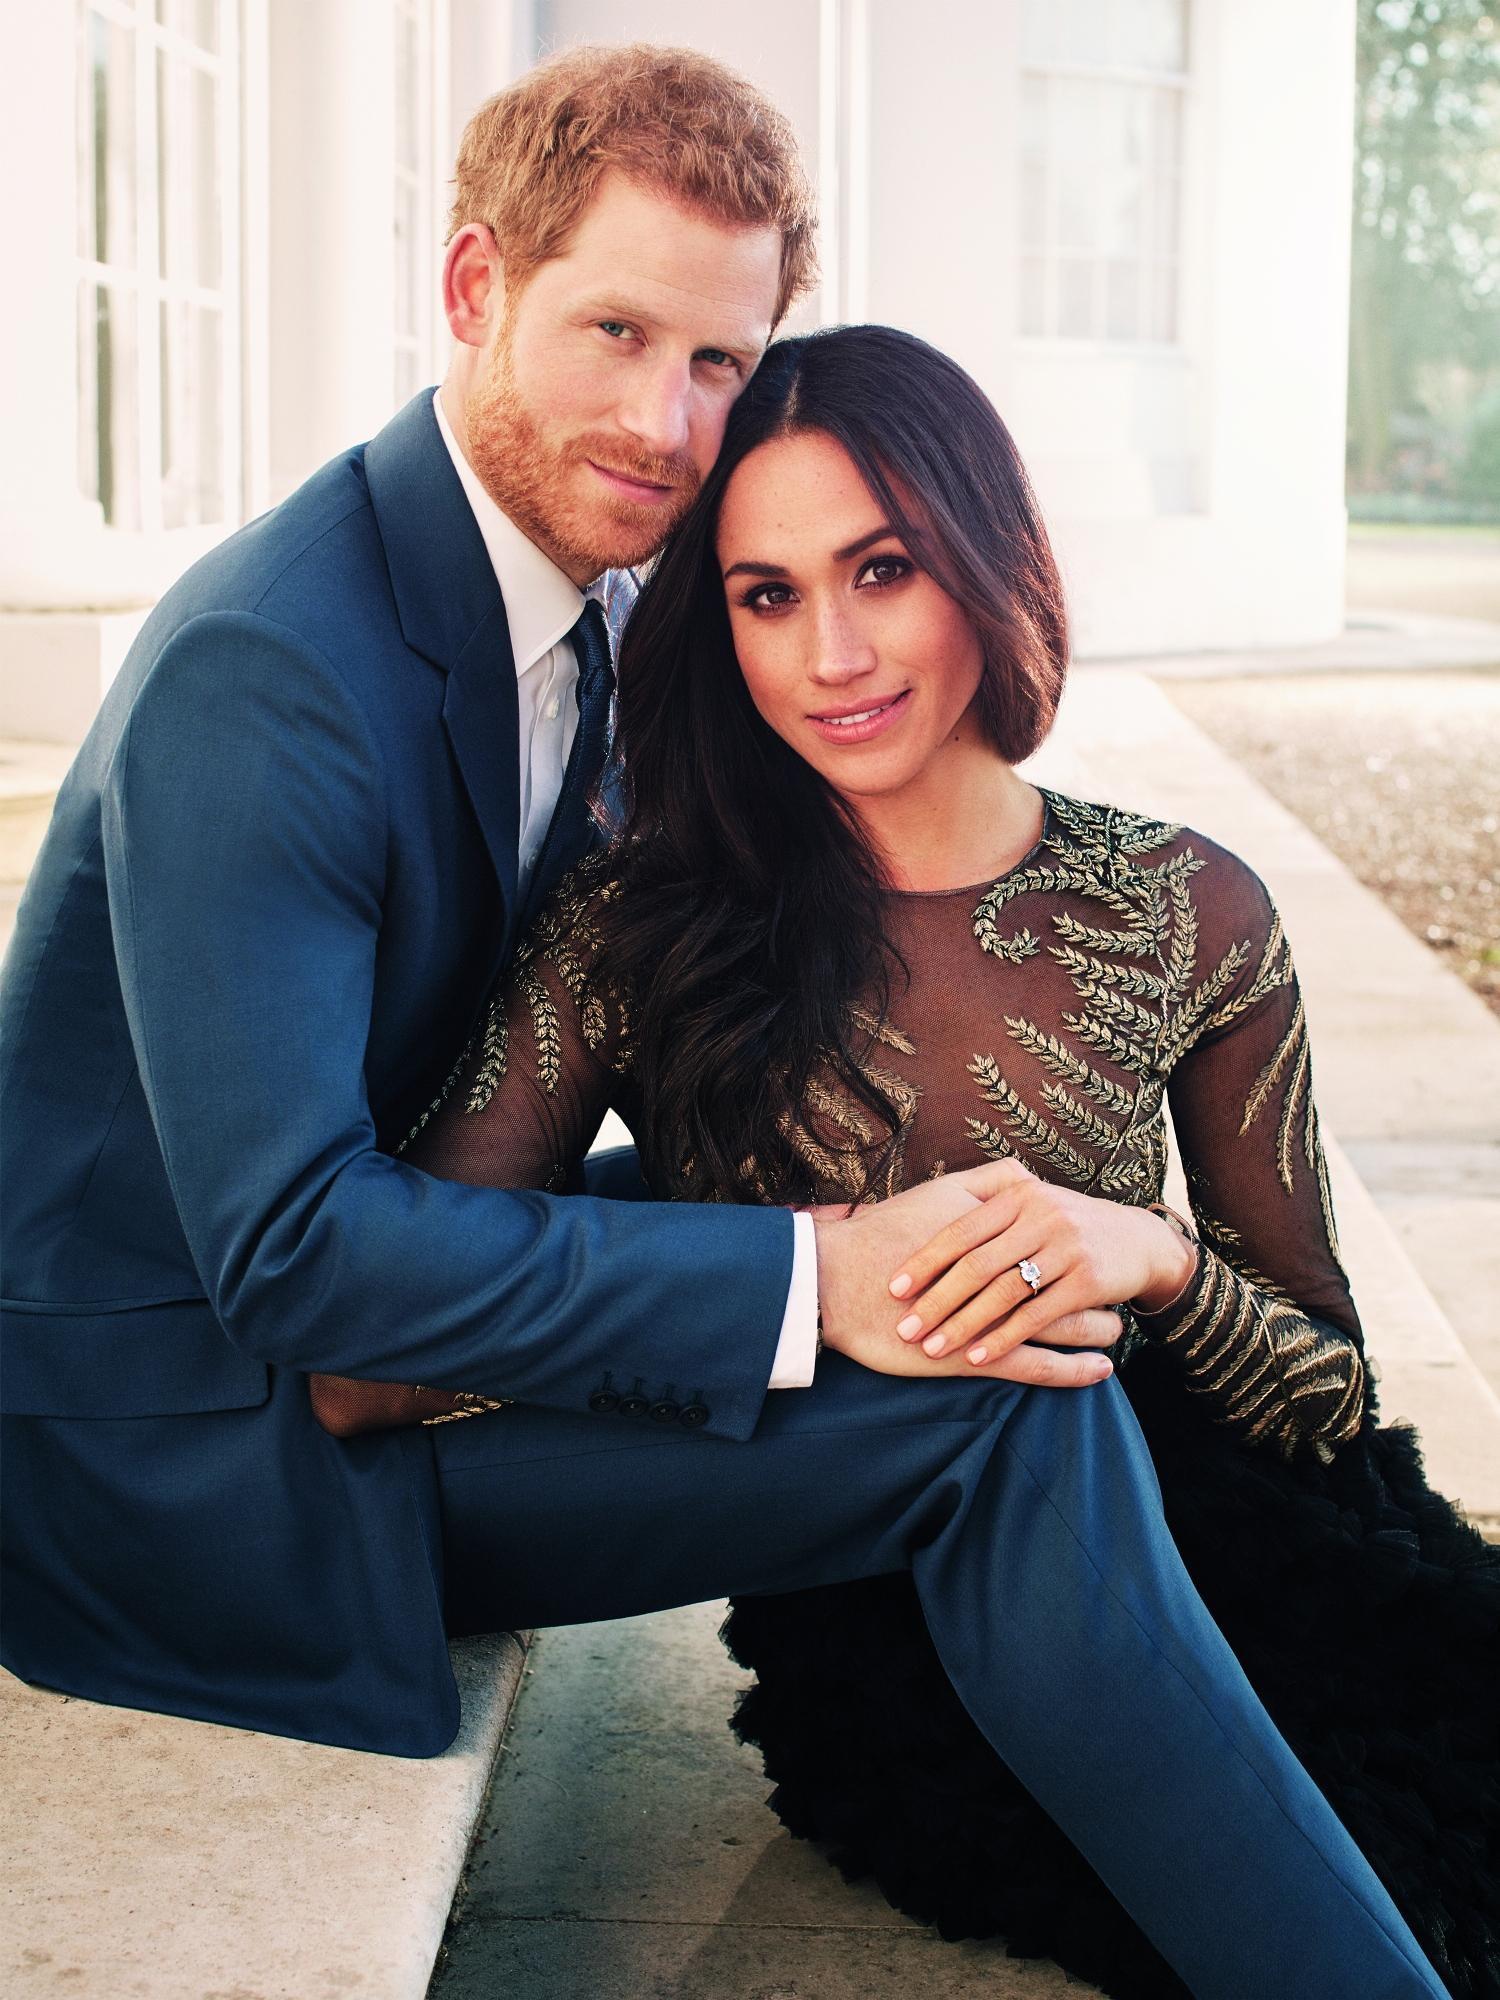 Principe Harry e Meghan Markle, ecco gli scatti ufficiali dei fidanzati